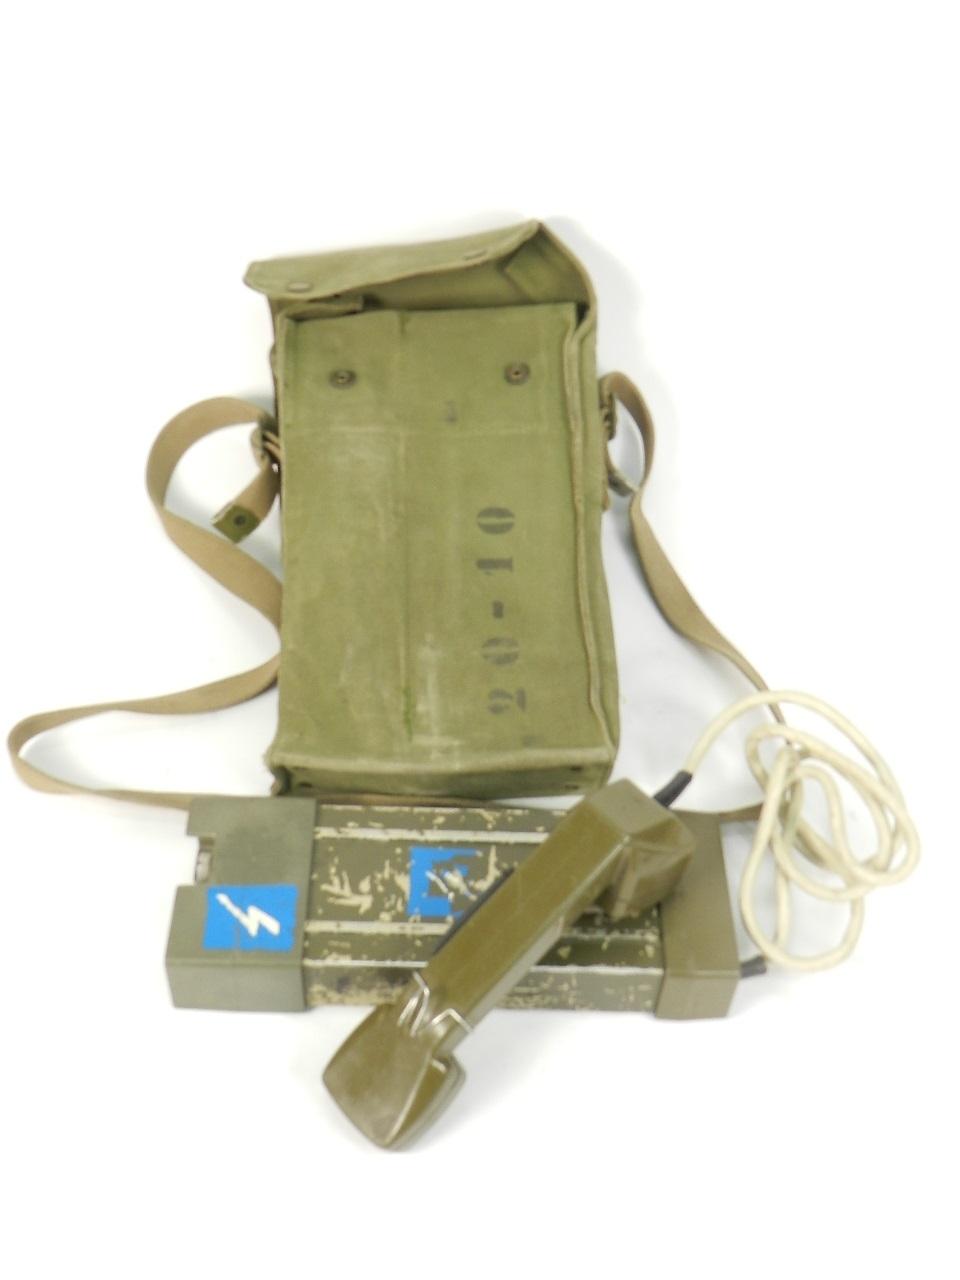 Imagen TELEFONO MILITAR DPAR, AÑO 1970 NORUEGA 41871